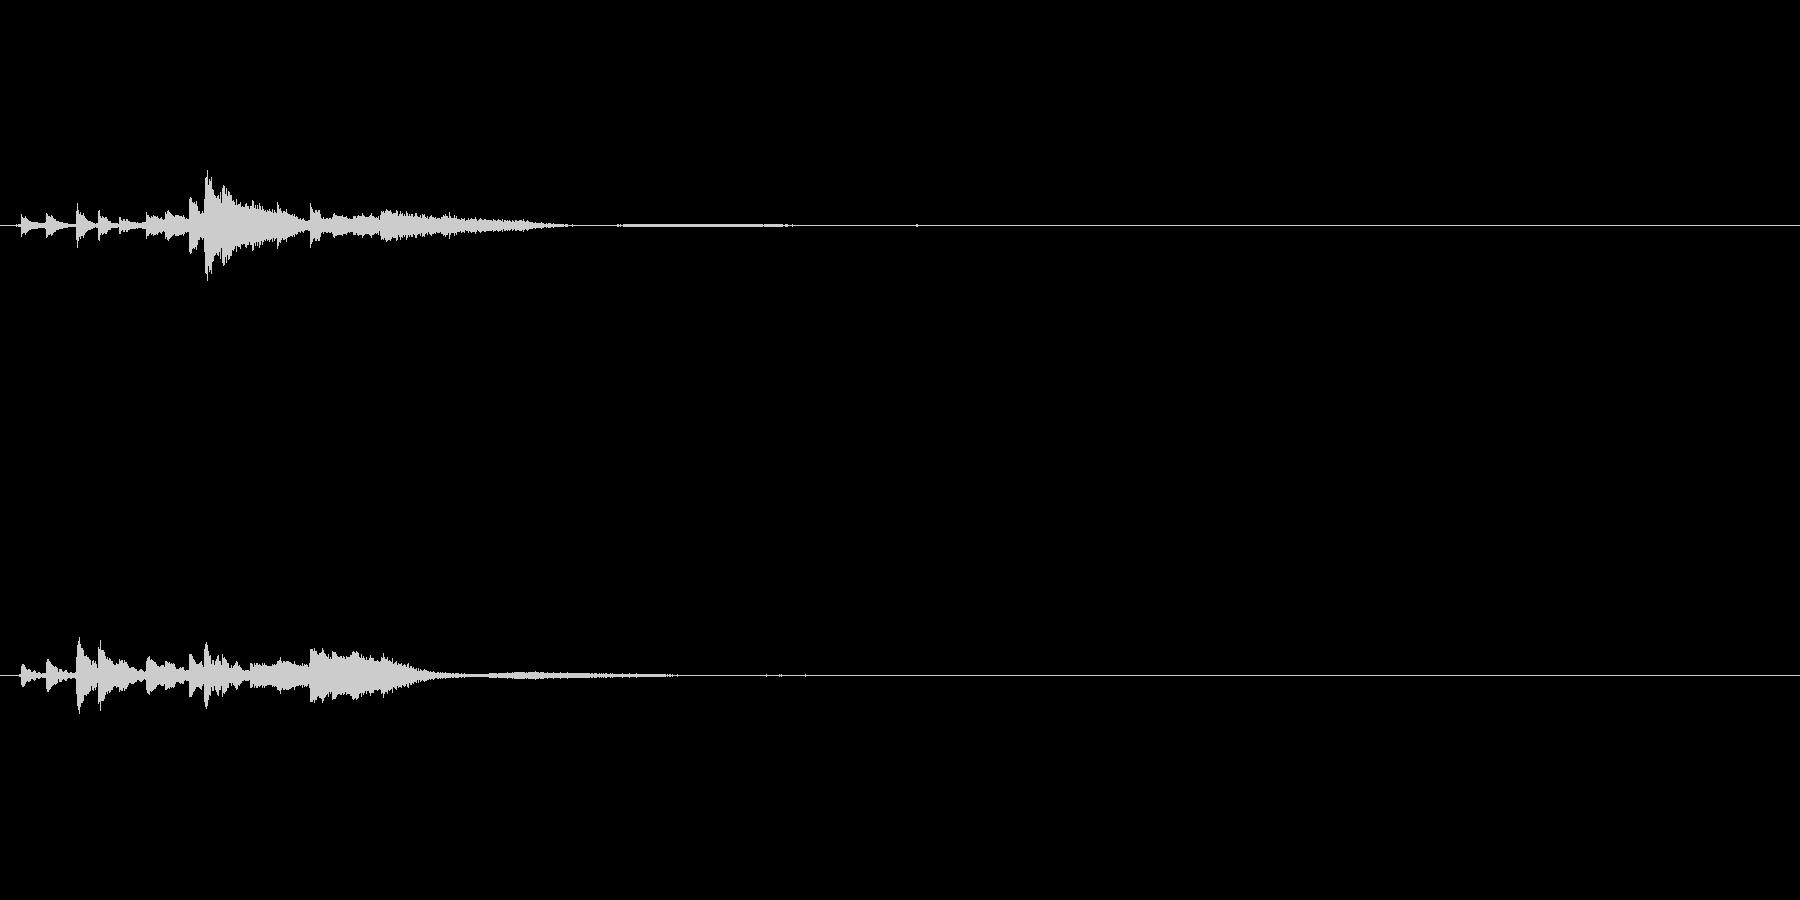 キラキラ系_029の未再生の波形